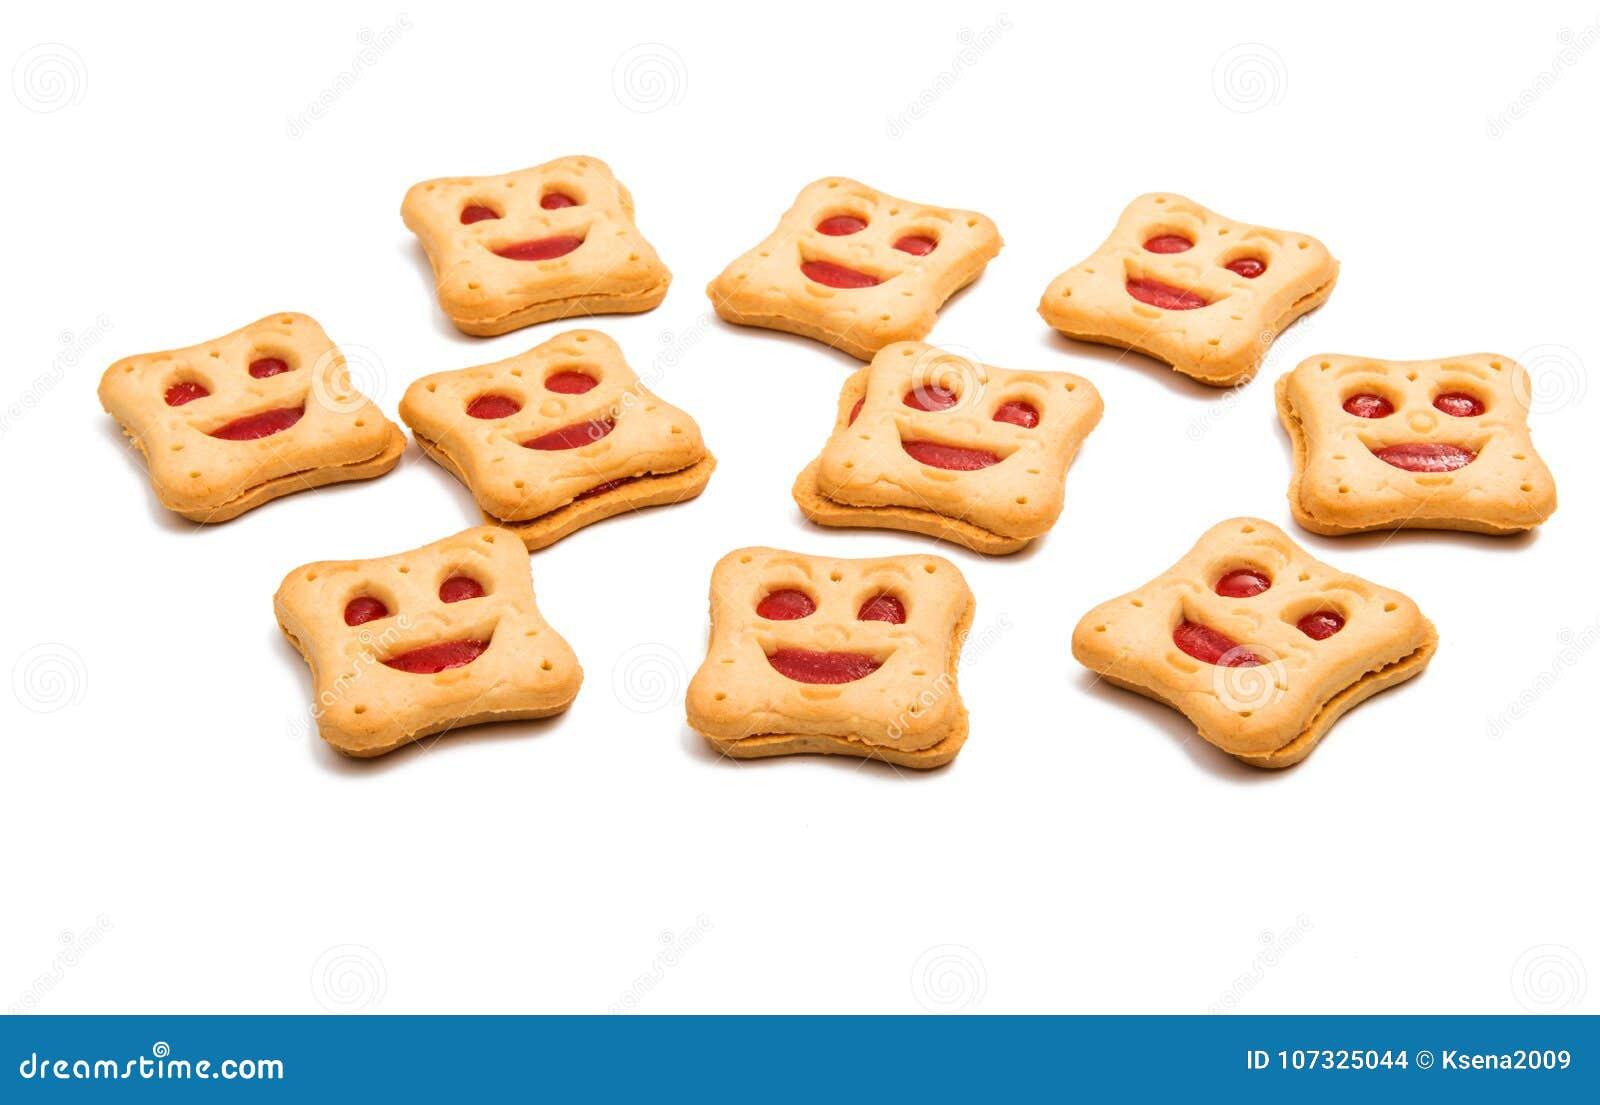 Smiley feito casa das cookies isolado